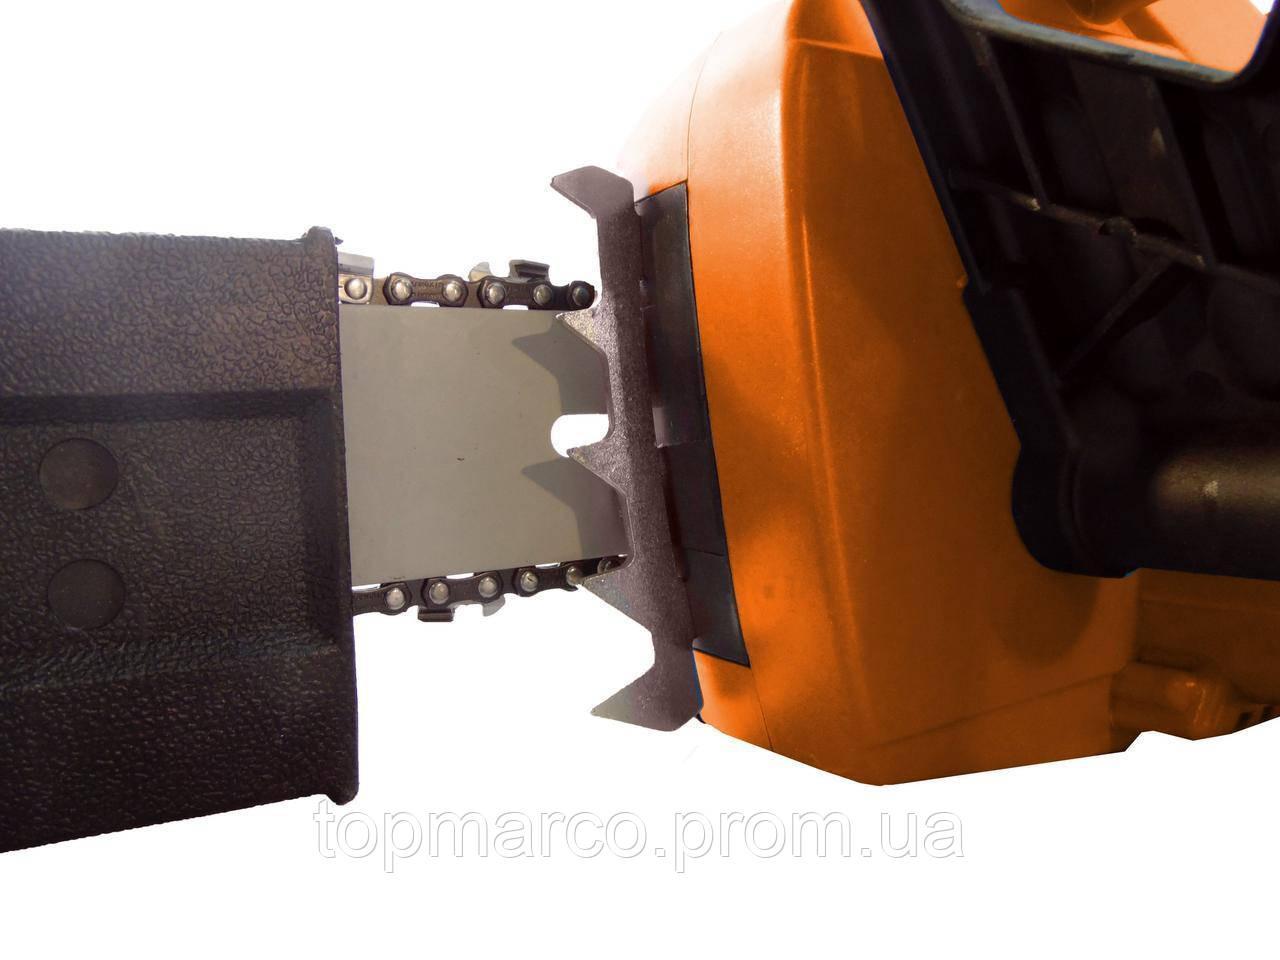 Пила цепная электрическая Handy GP1835 1800 ВТ 2